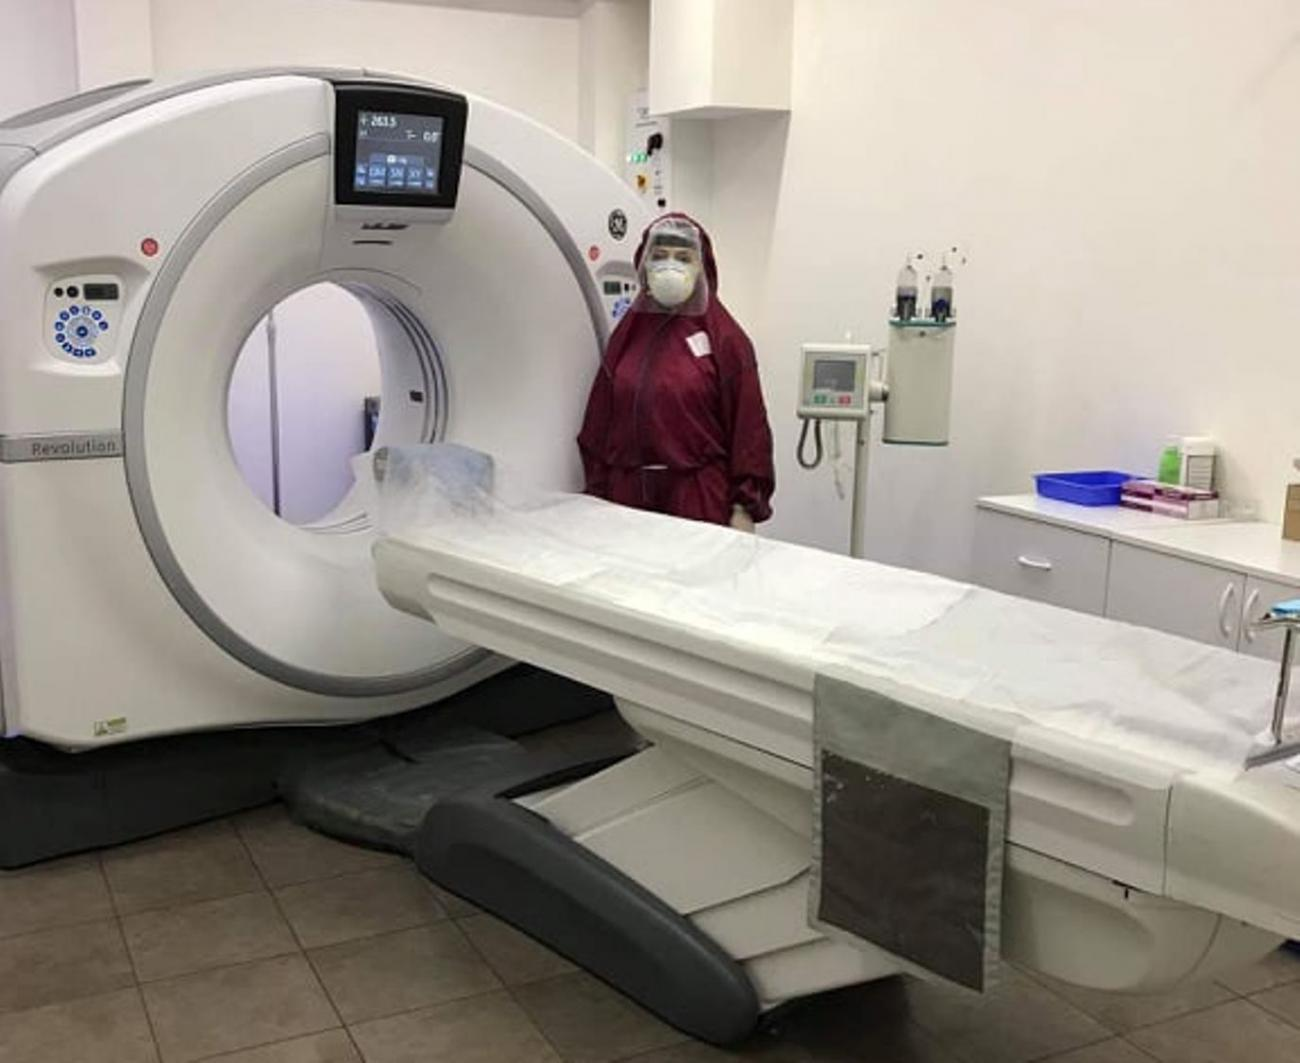 «Հերացի» թիվ 1 հիվանդանոցային համալիրում իջեցվել է կրծքավանդակի ՀՏ հետազոտության արժեքը